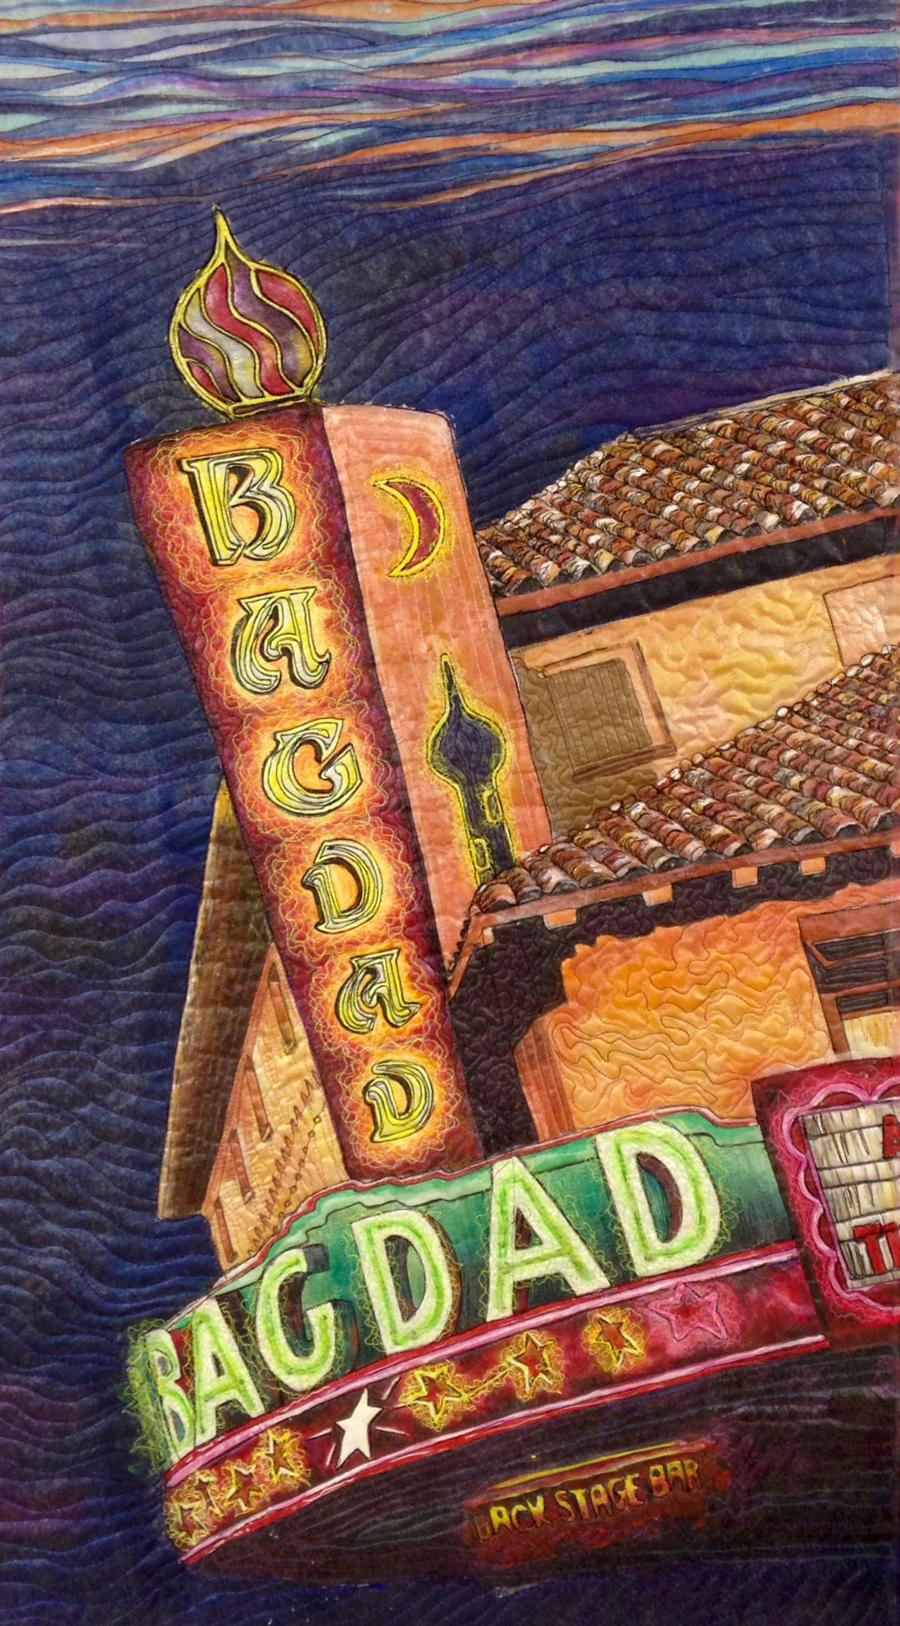 Bagdad Theater 22 x 30 2015